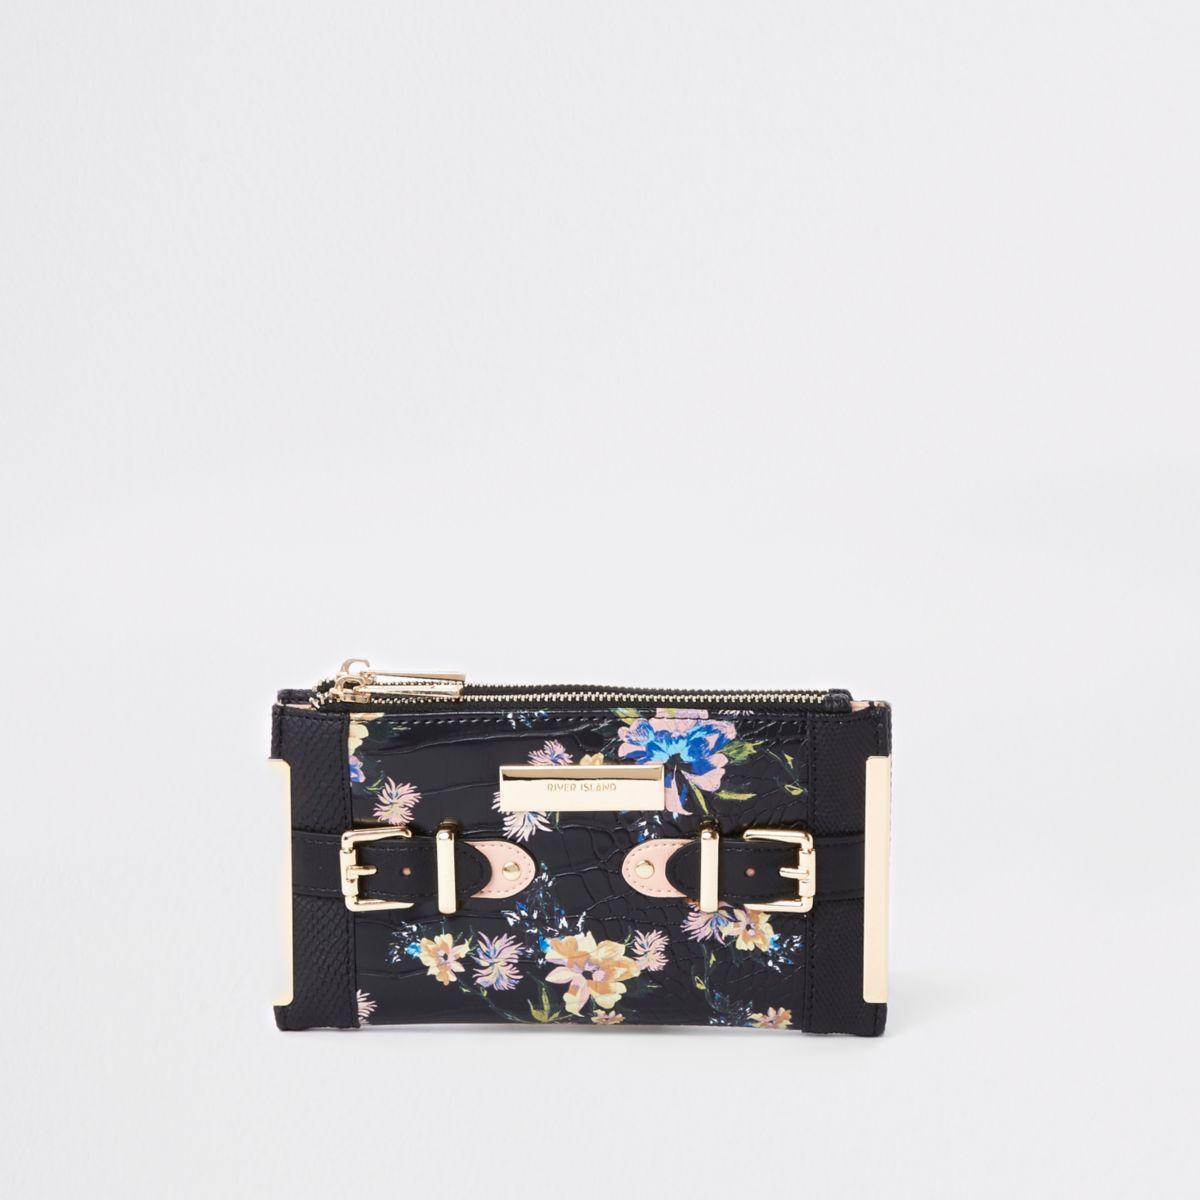 Zwarte uitvouwbare portemonnee met zijlusje